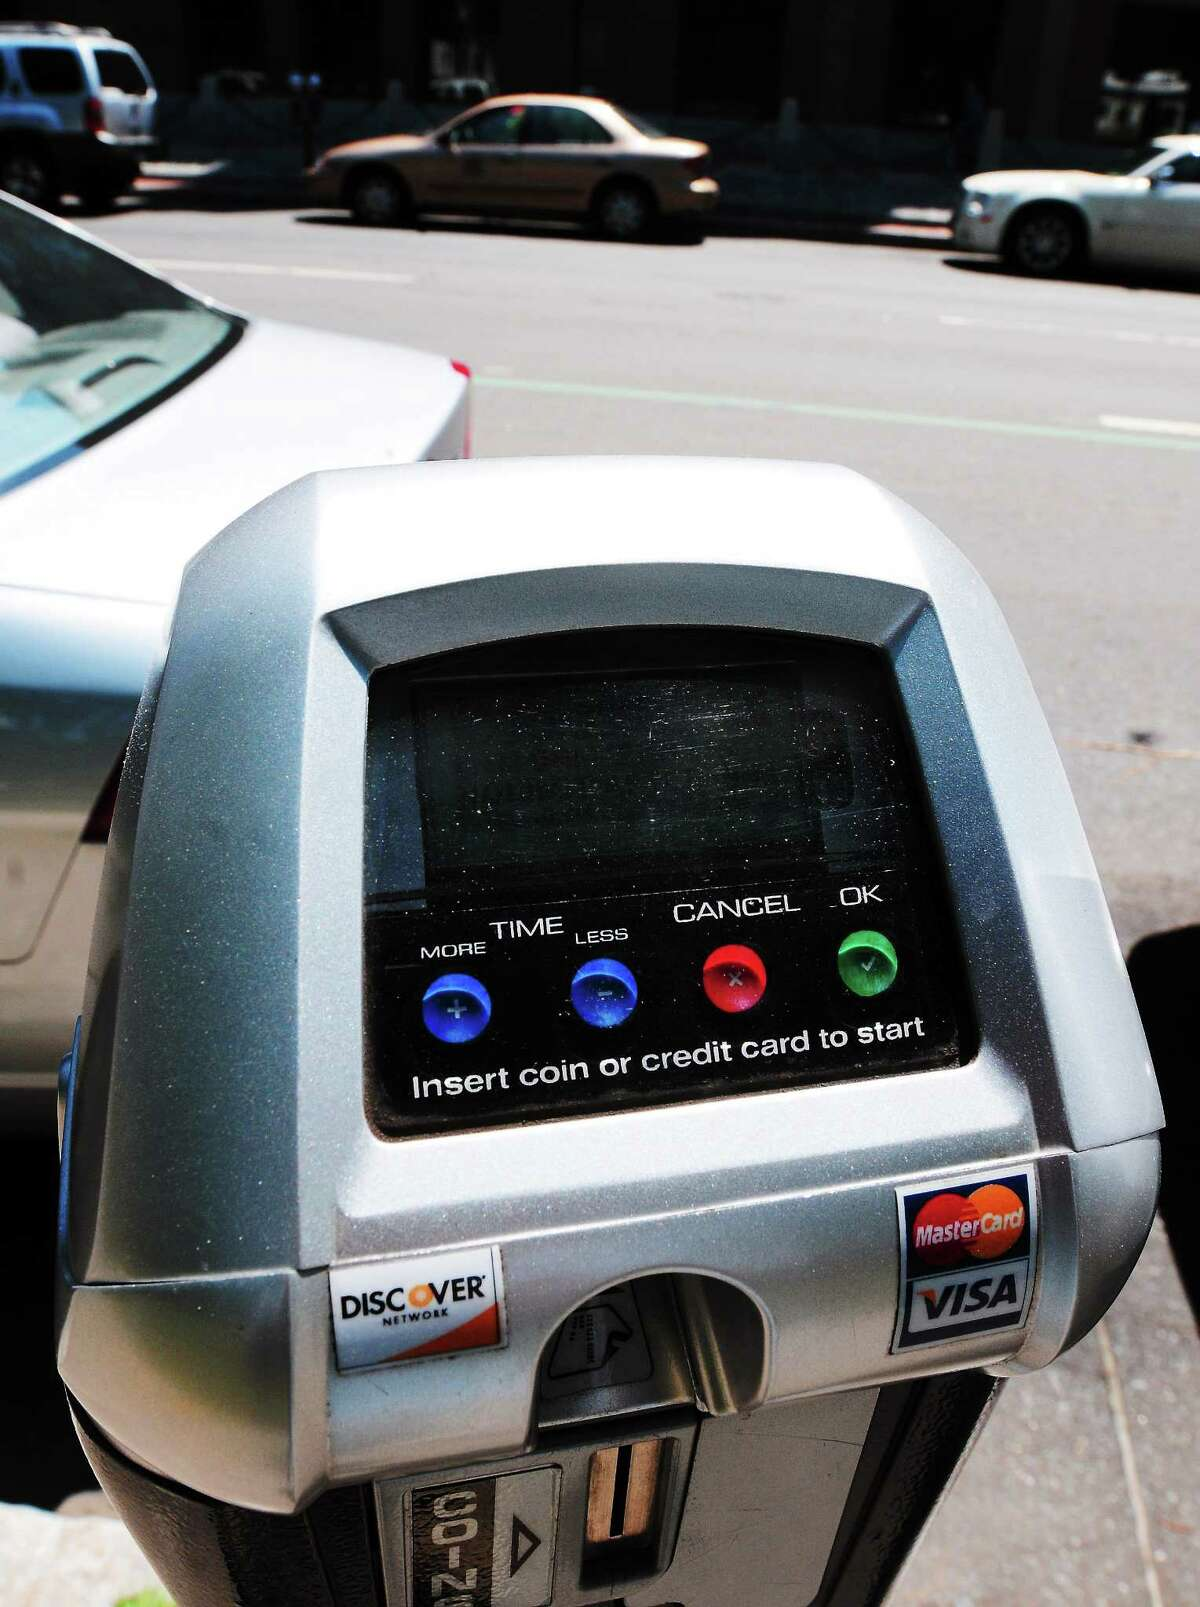 Peter Hvizdak - Register Parking Meter, Church Street. Thursday July 18, 2013